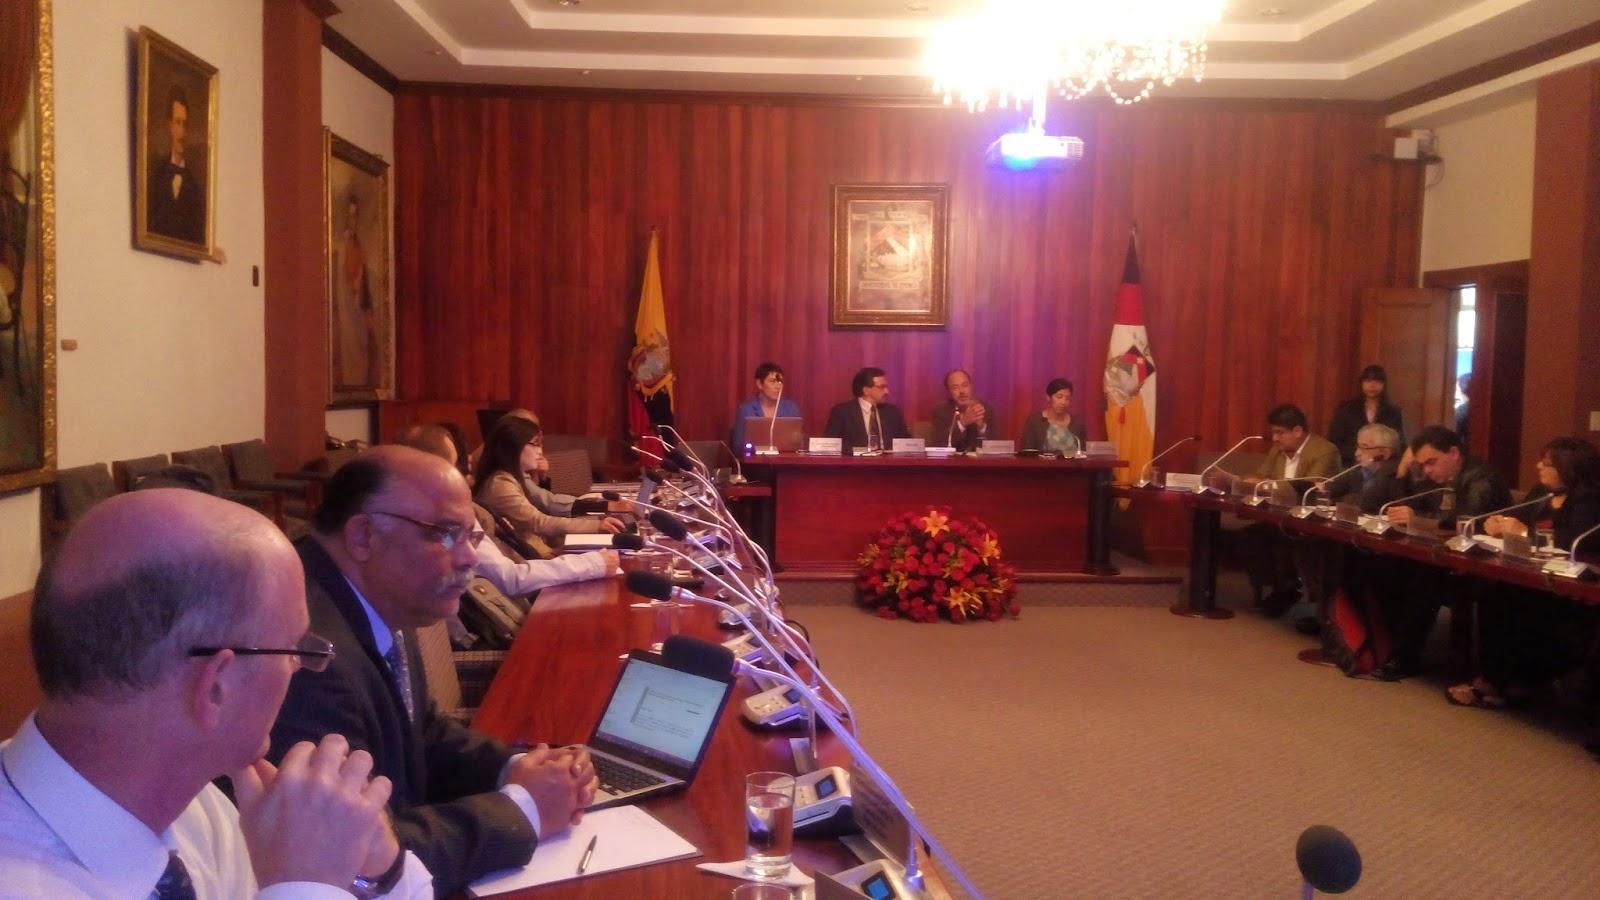 Simposio Nacional de Desarollo Urbano y Planificación Territorial, Cuenca (Ecuador), 2014